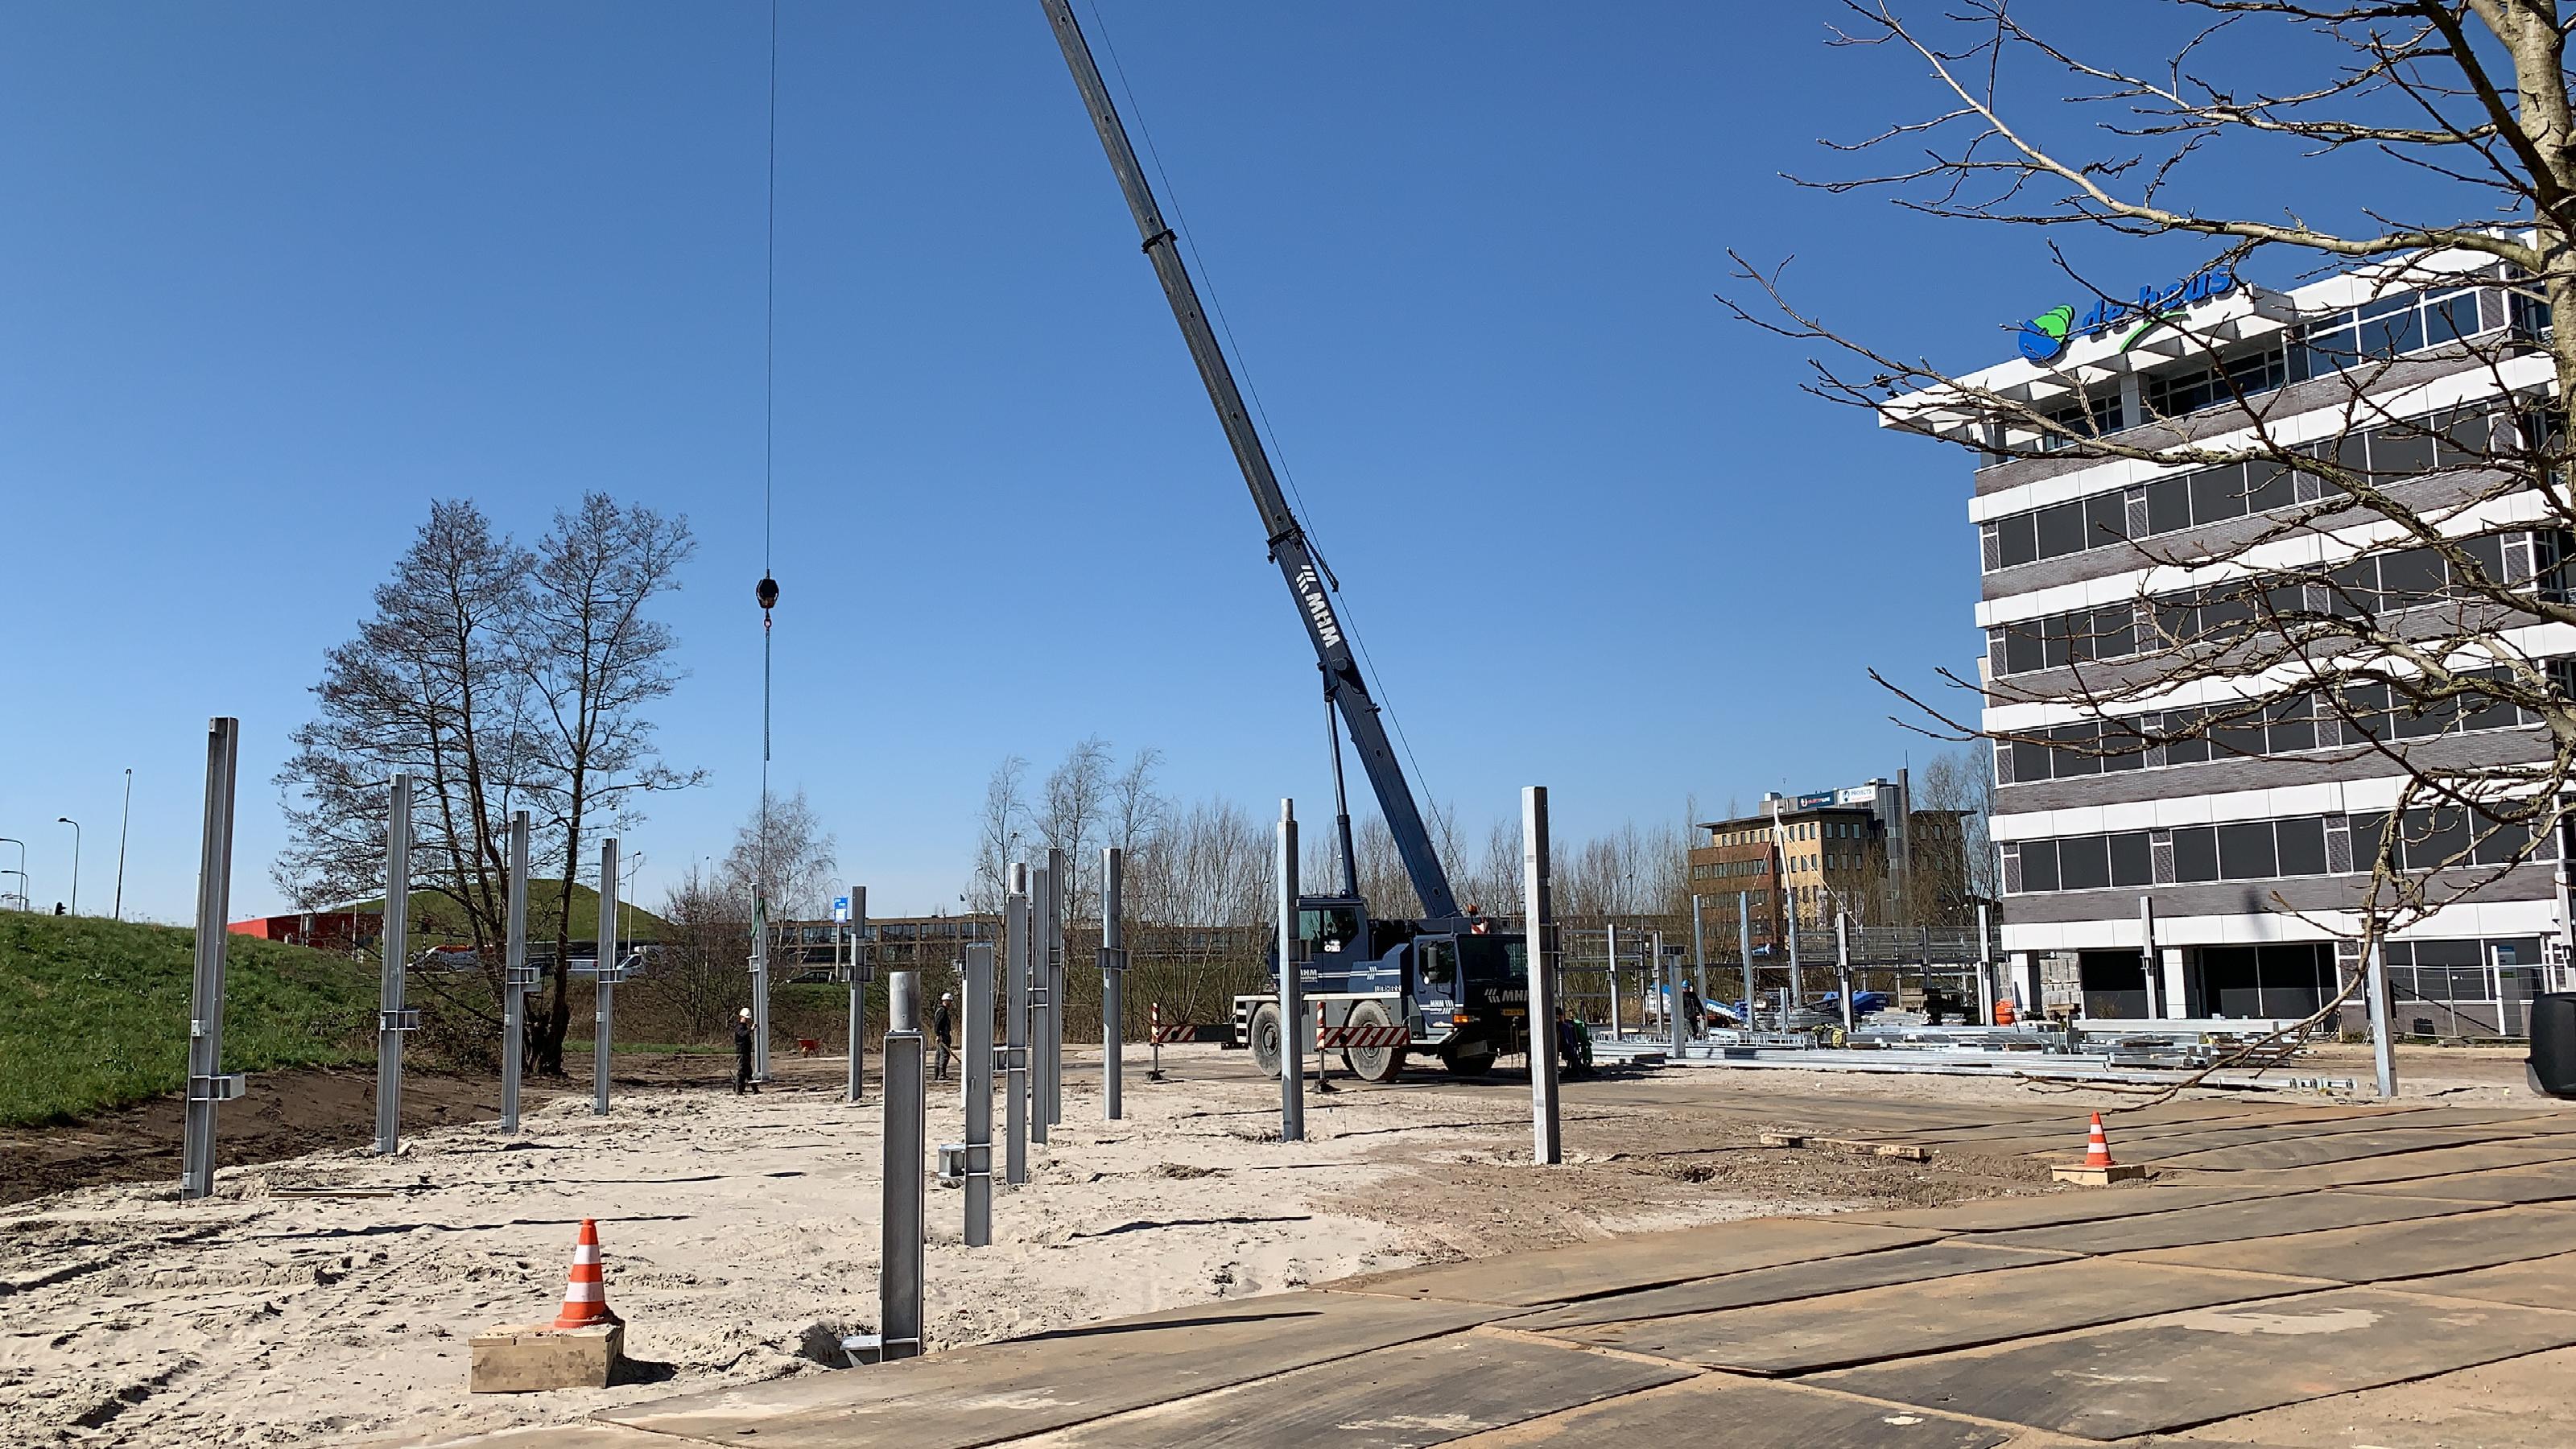 Hoogste punt bouw parkeervoorziening De Heus Voeders in Ede